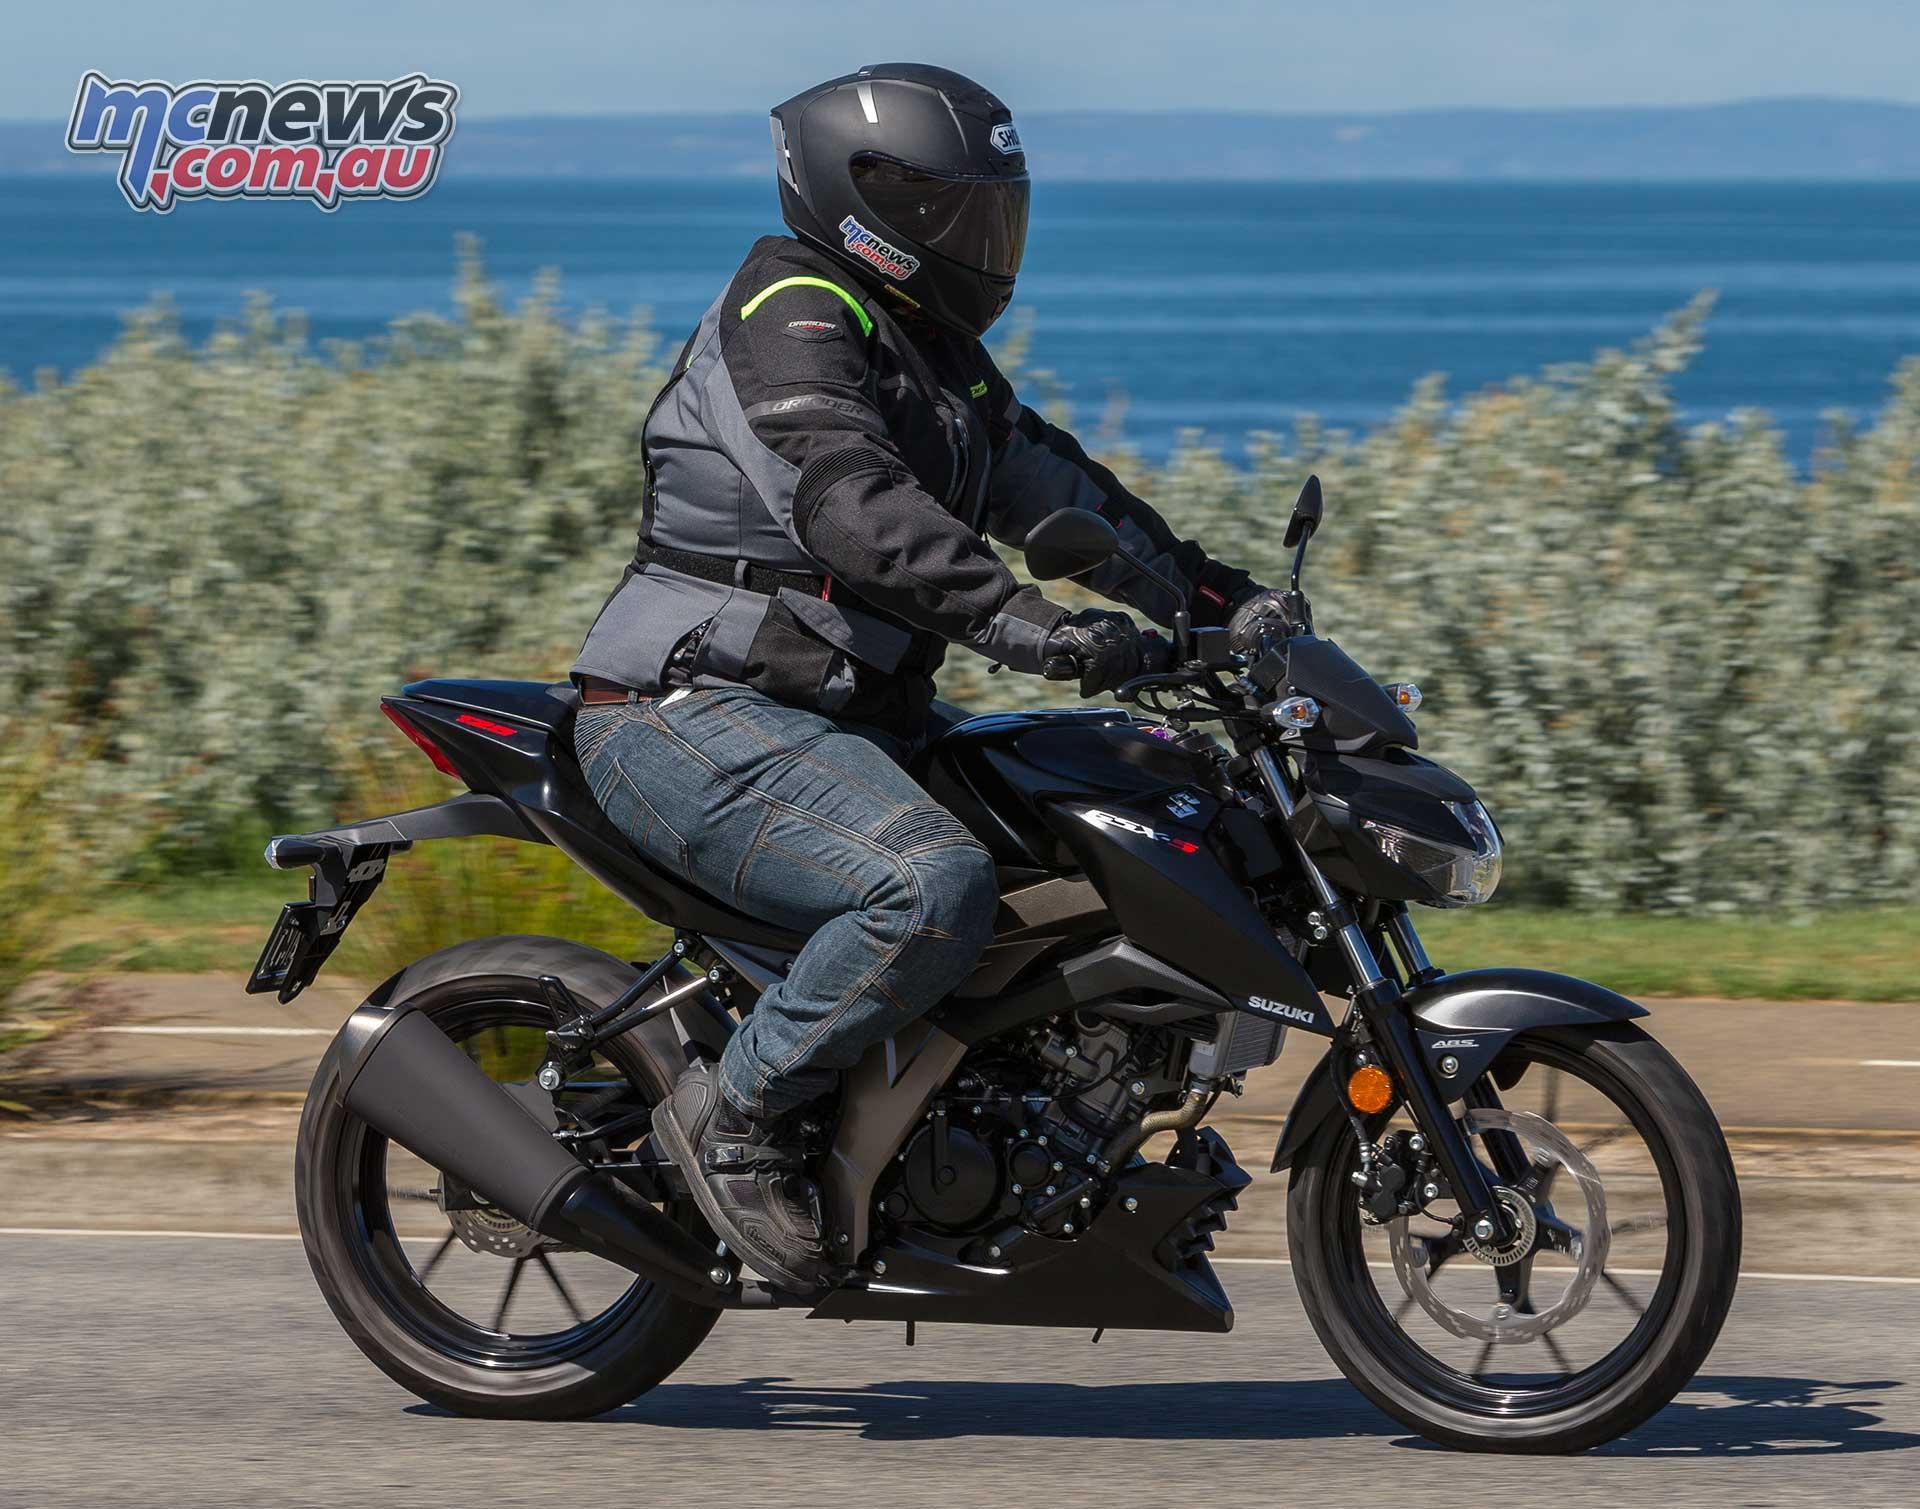 Suzuki Gsx S125 Gsx R125 Review Motorcycle Test Mcnews